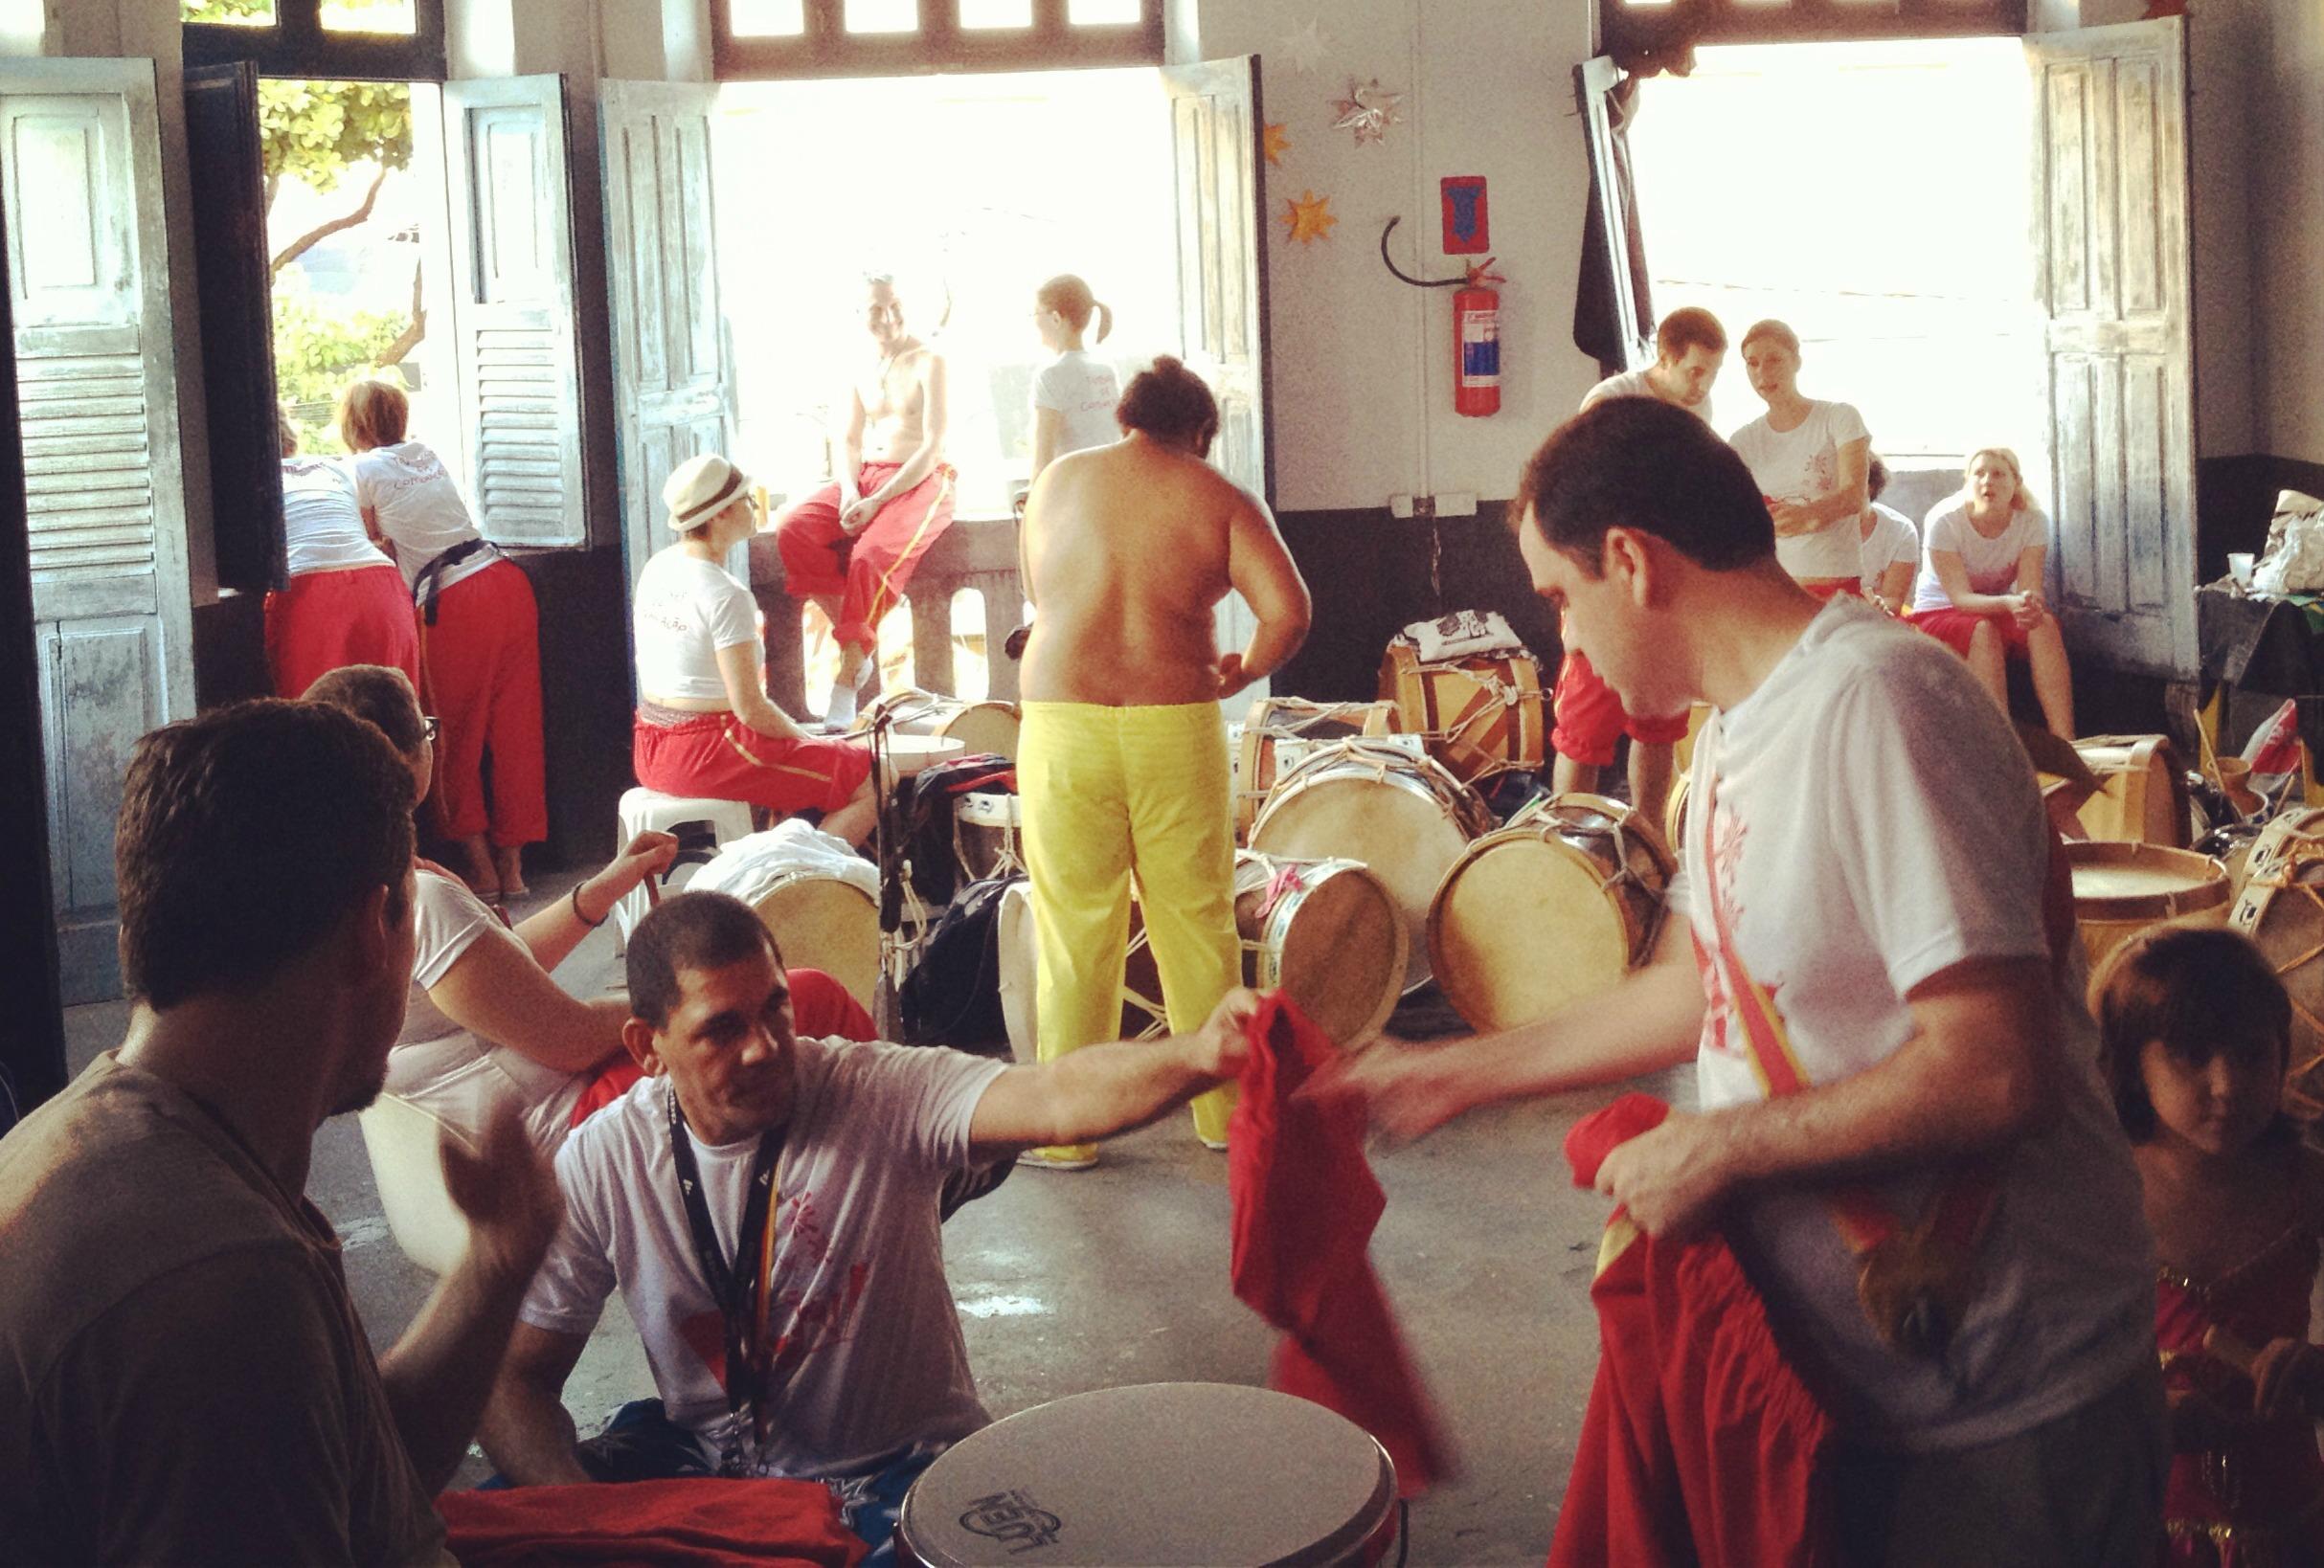 El Bloco Tambores da Comunicaçao de la comunidad El Pilar se prepara para salir a las calles de Recife Antiguo. Foto: Miosoti Alvarado